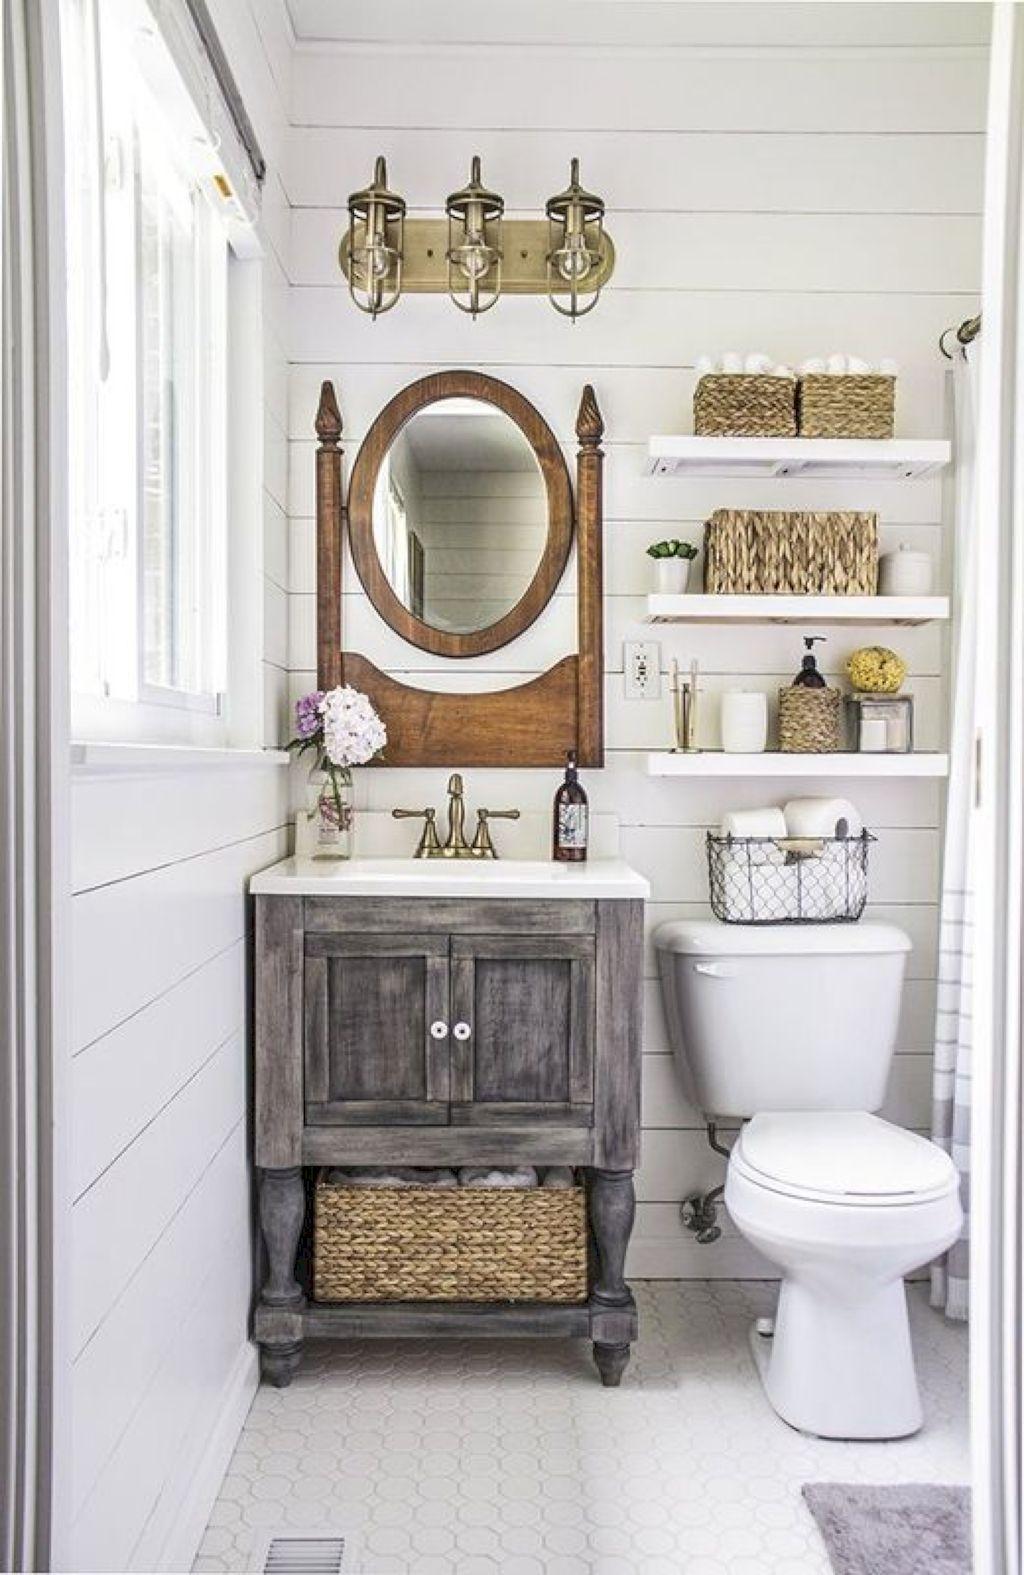 57 Small Bathroom Ideas Small Bathroom Farm Style Bathrooms And